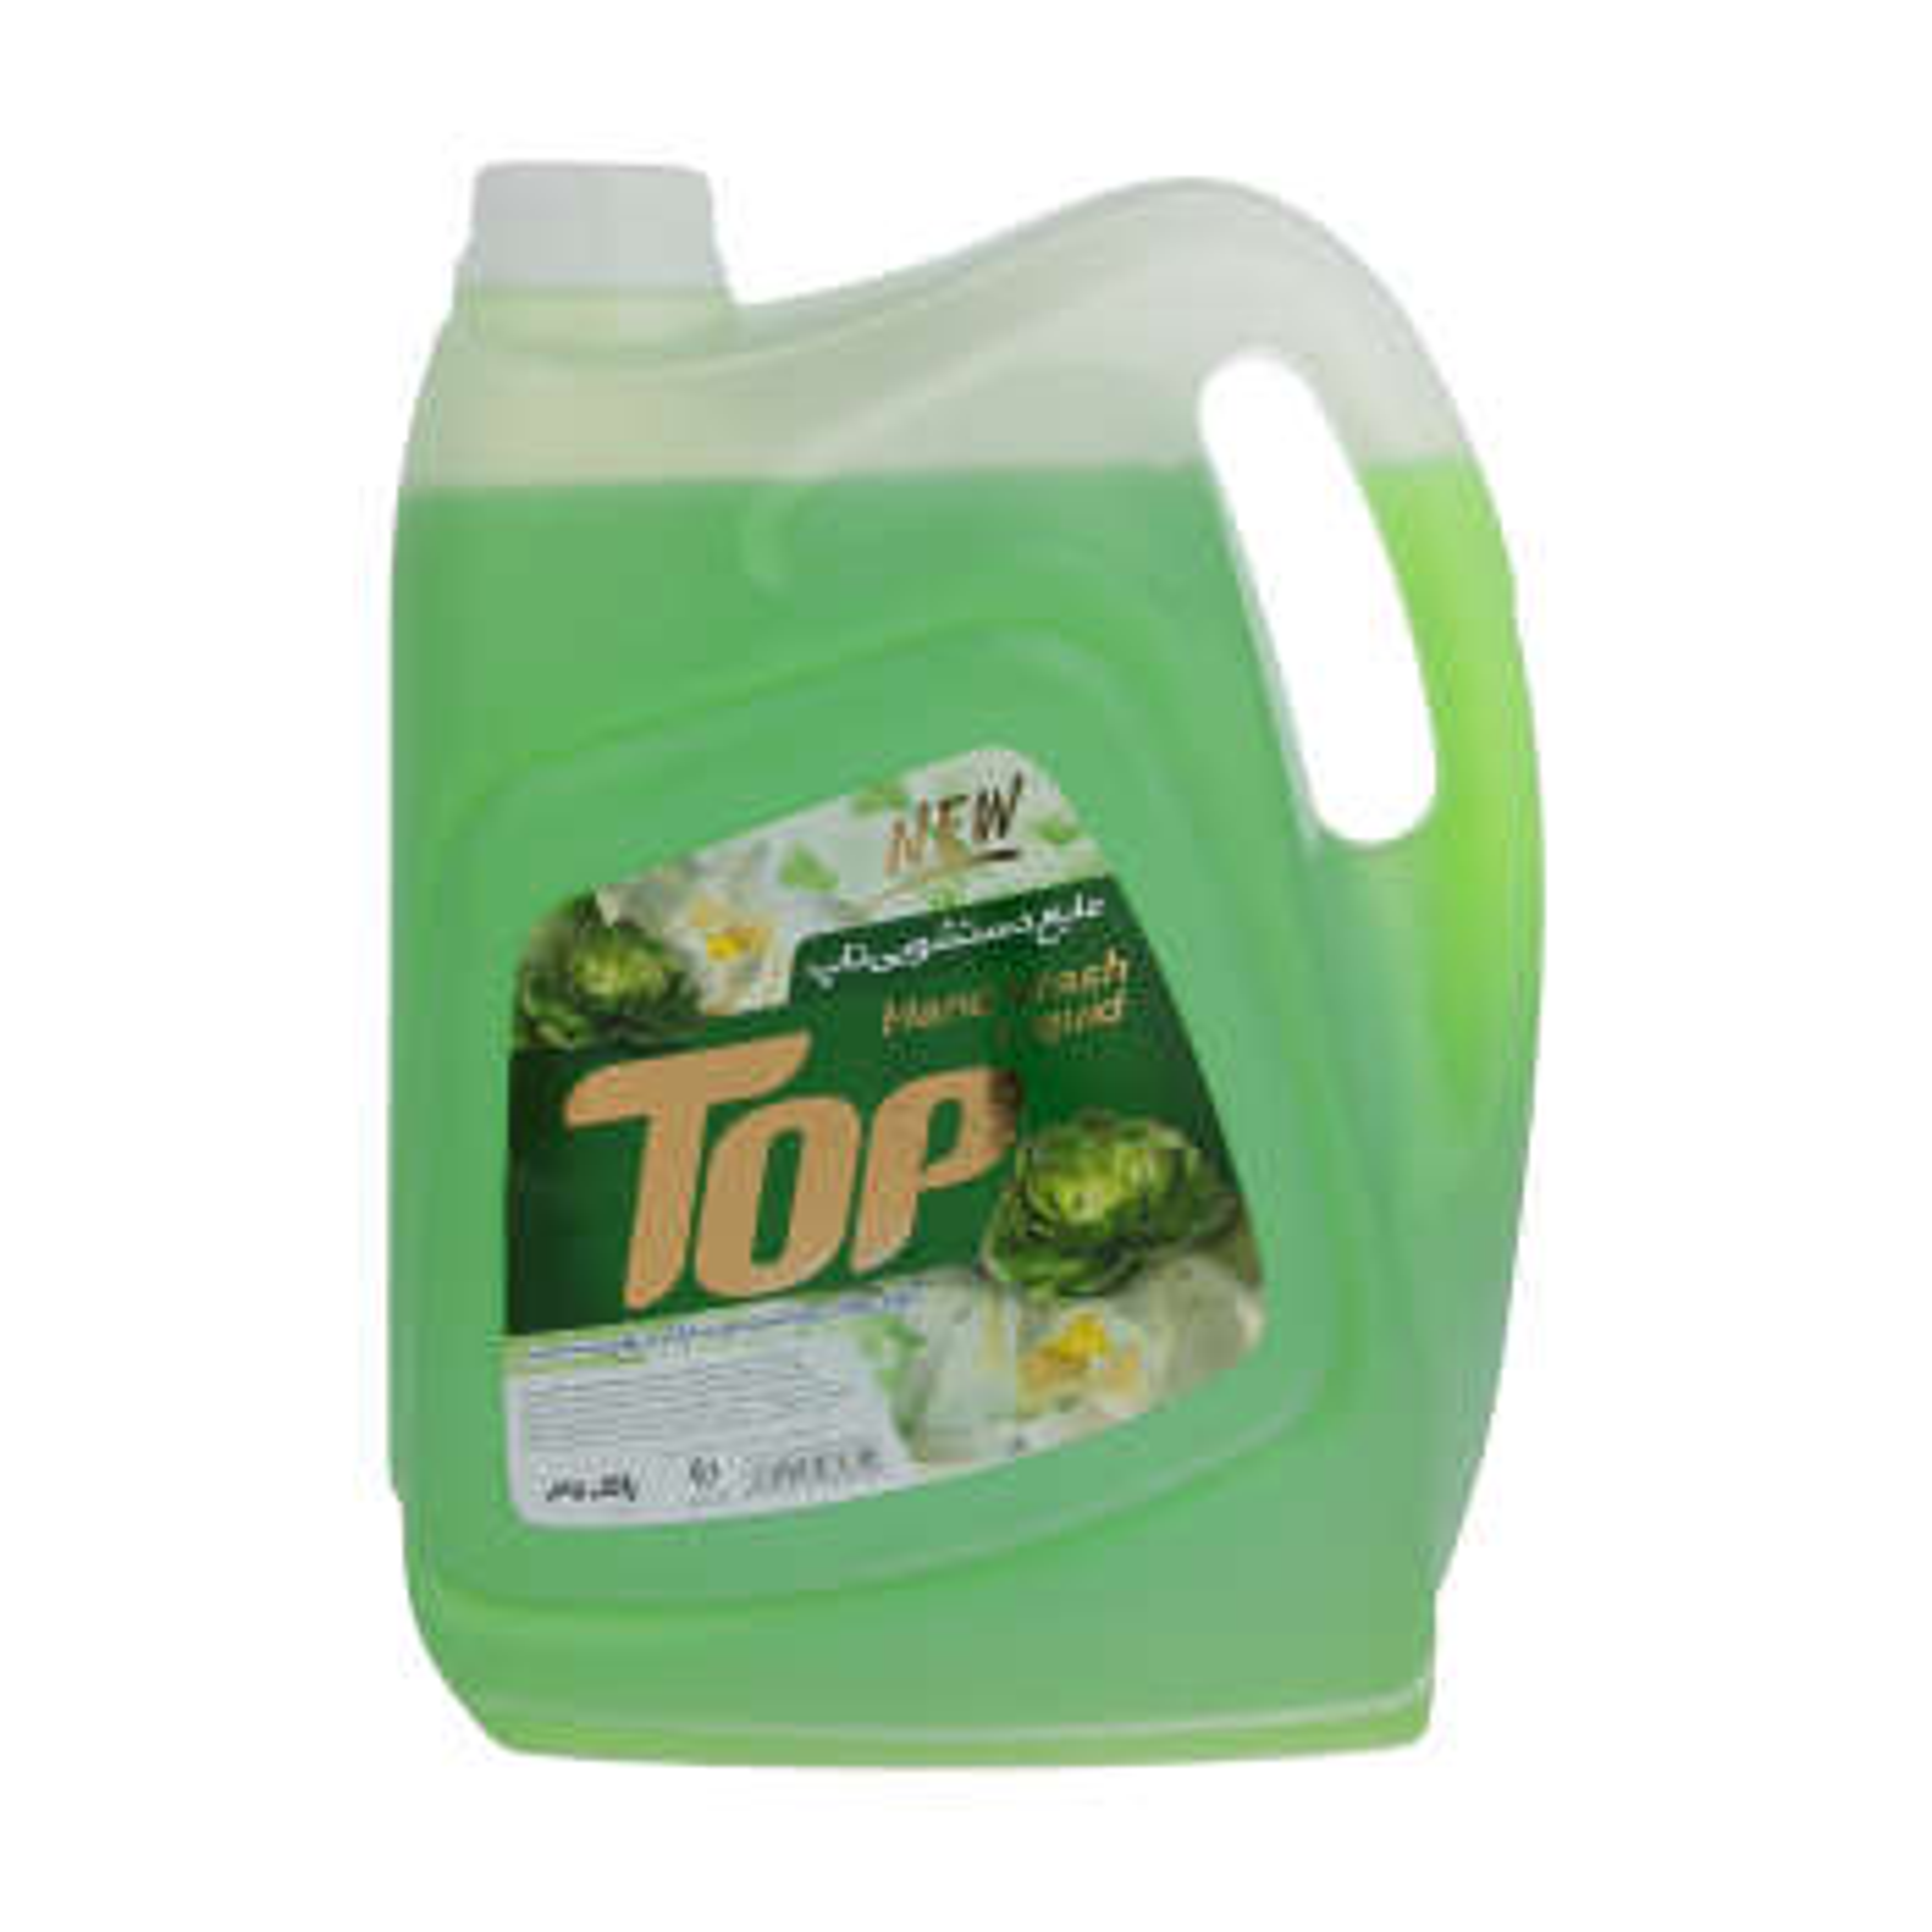 مایع دستشویی تاپ مدل Green مقدار 3.75 کیلوگرم